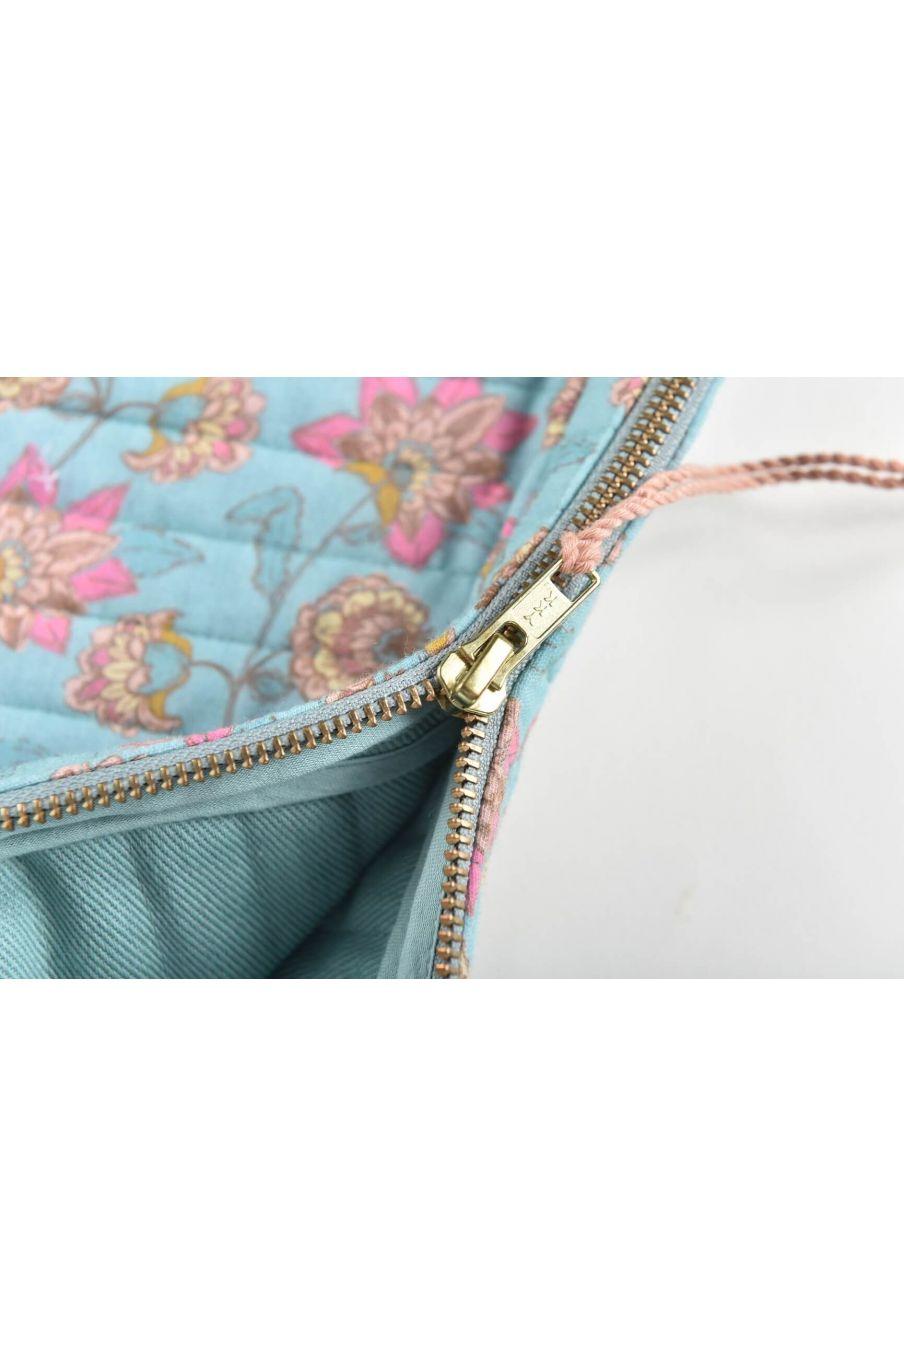 boheme chic vintage housse d'ordinateur femme hoa turquoise flowers